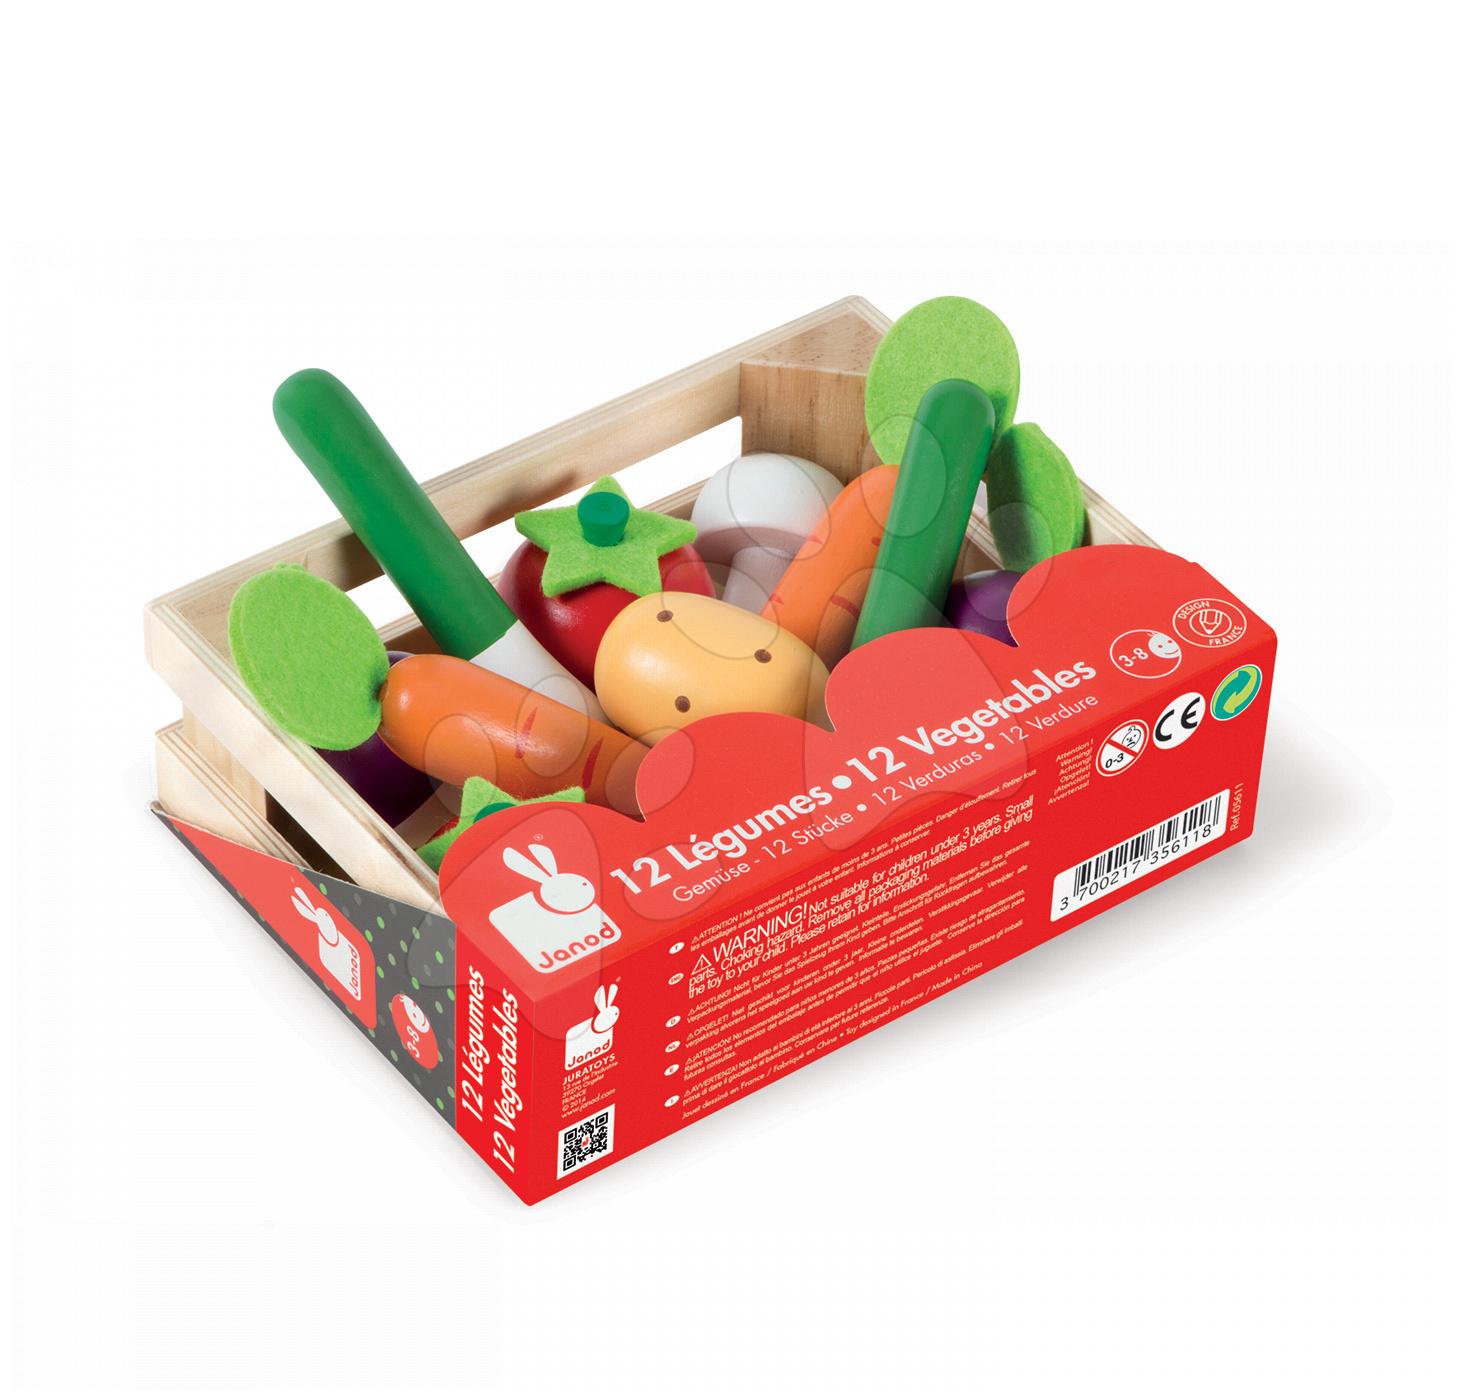 8b9a60f2a Janod drevená zelenina v boxe 05611 – Janod hračky